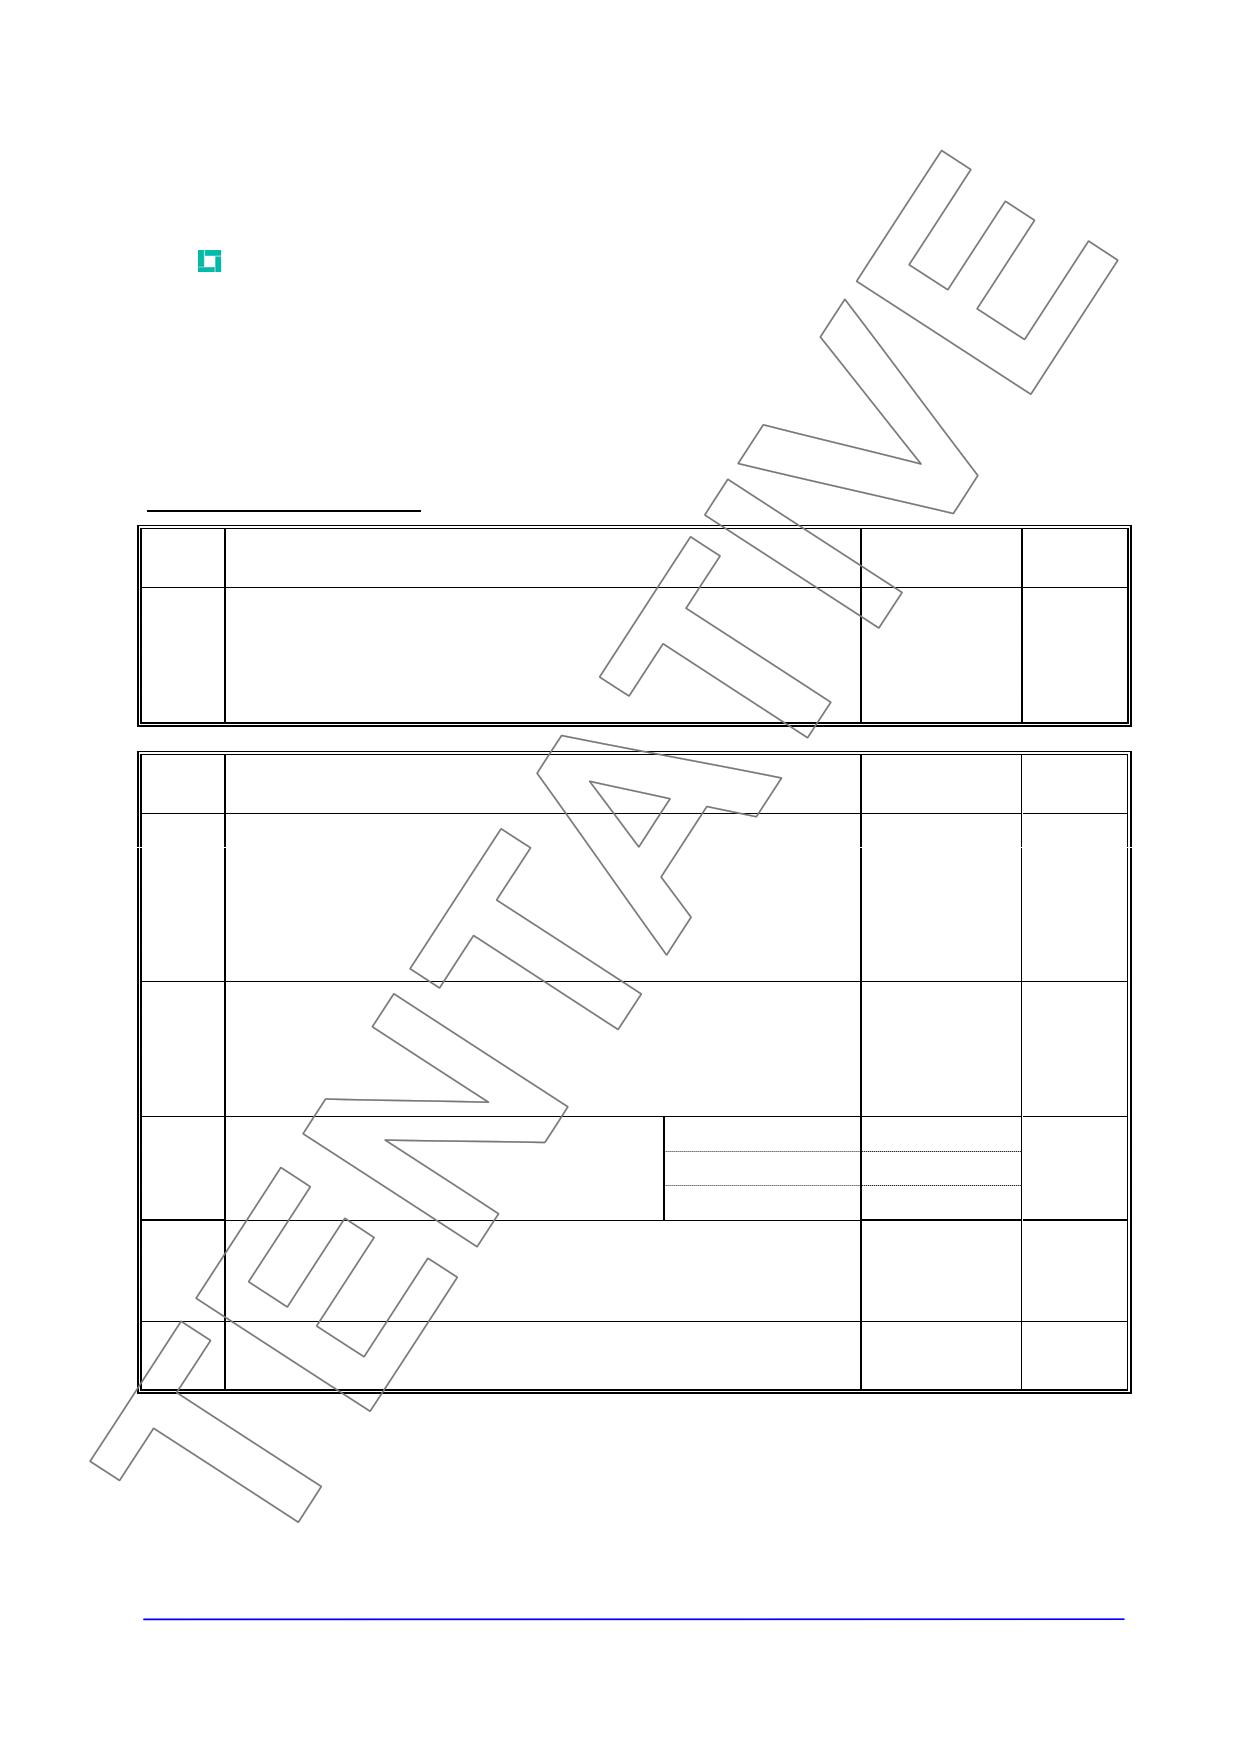 K1000MA650 datasheet